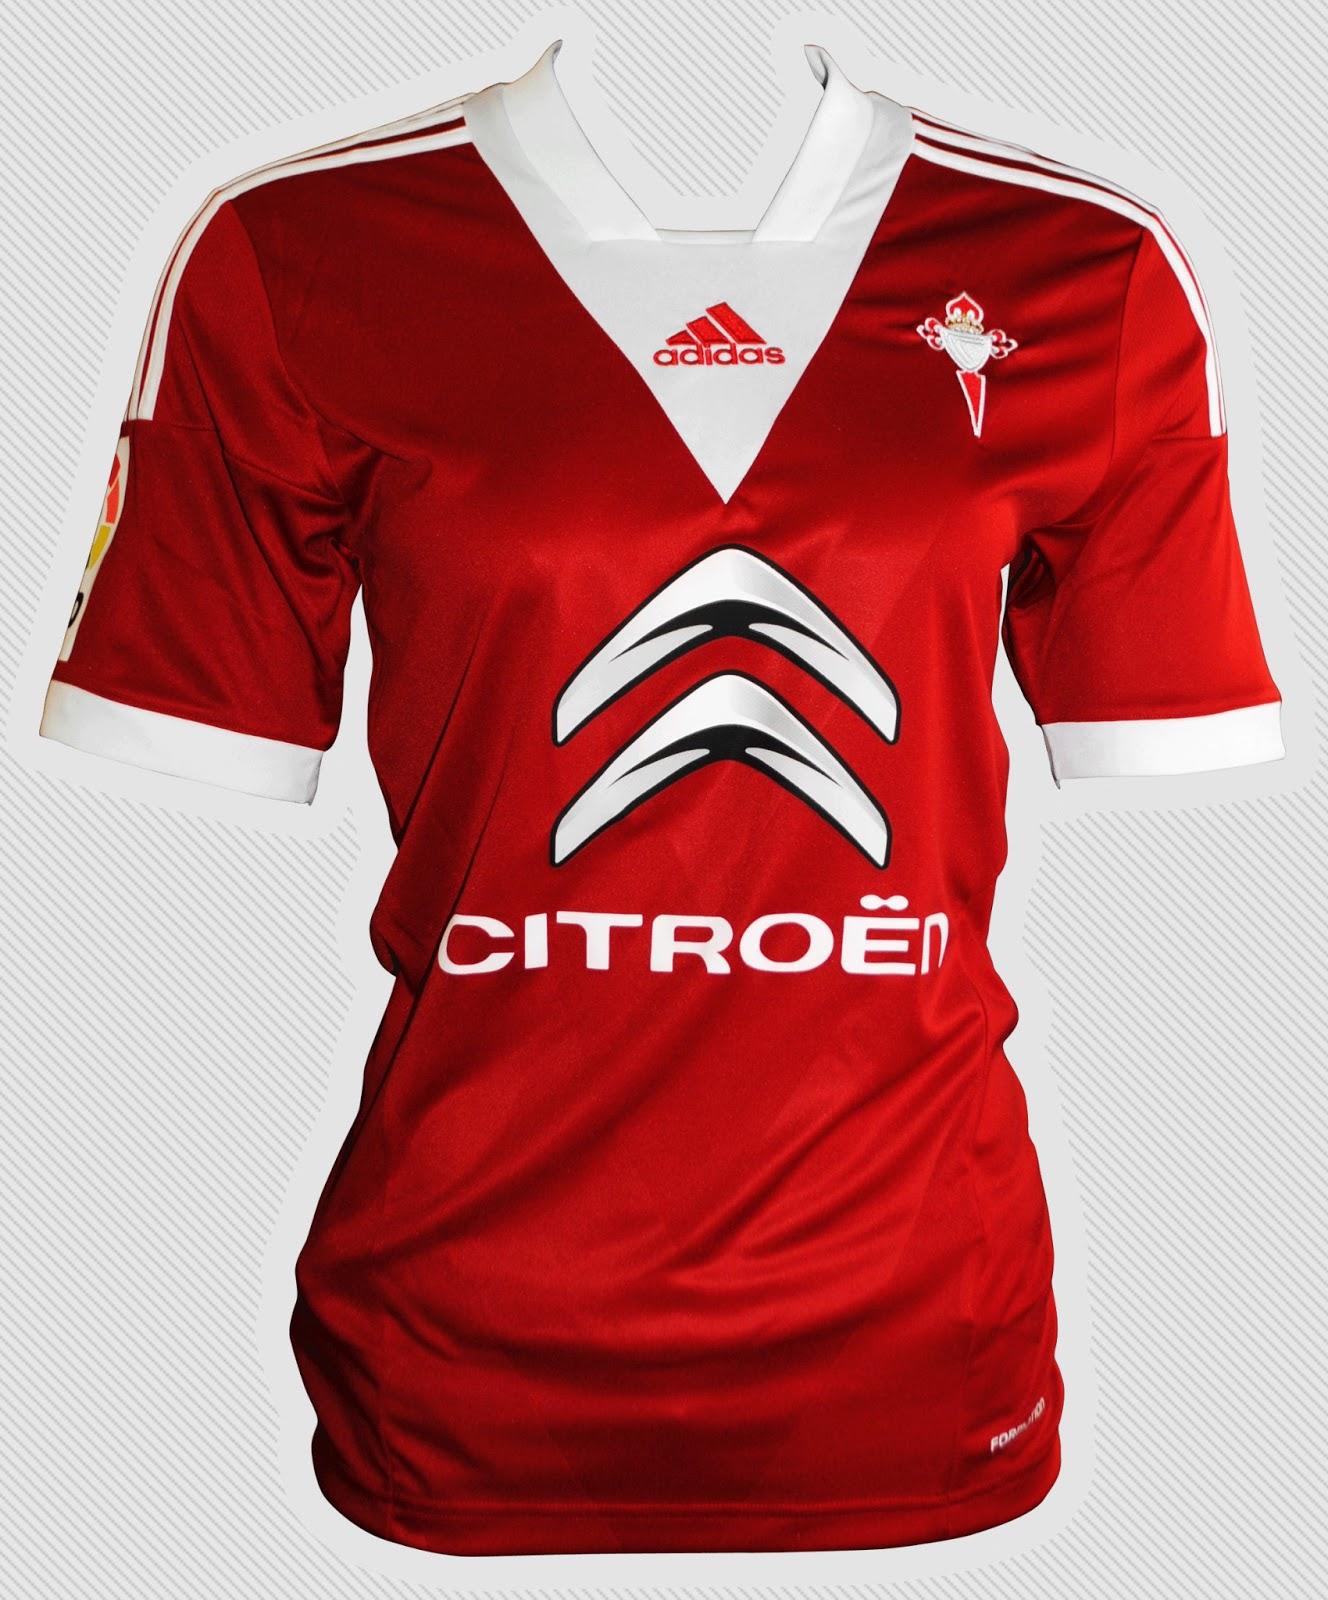 Celta De Vigo Voetbalshirts 2013/2014